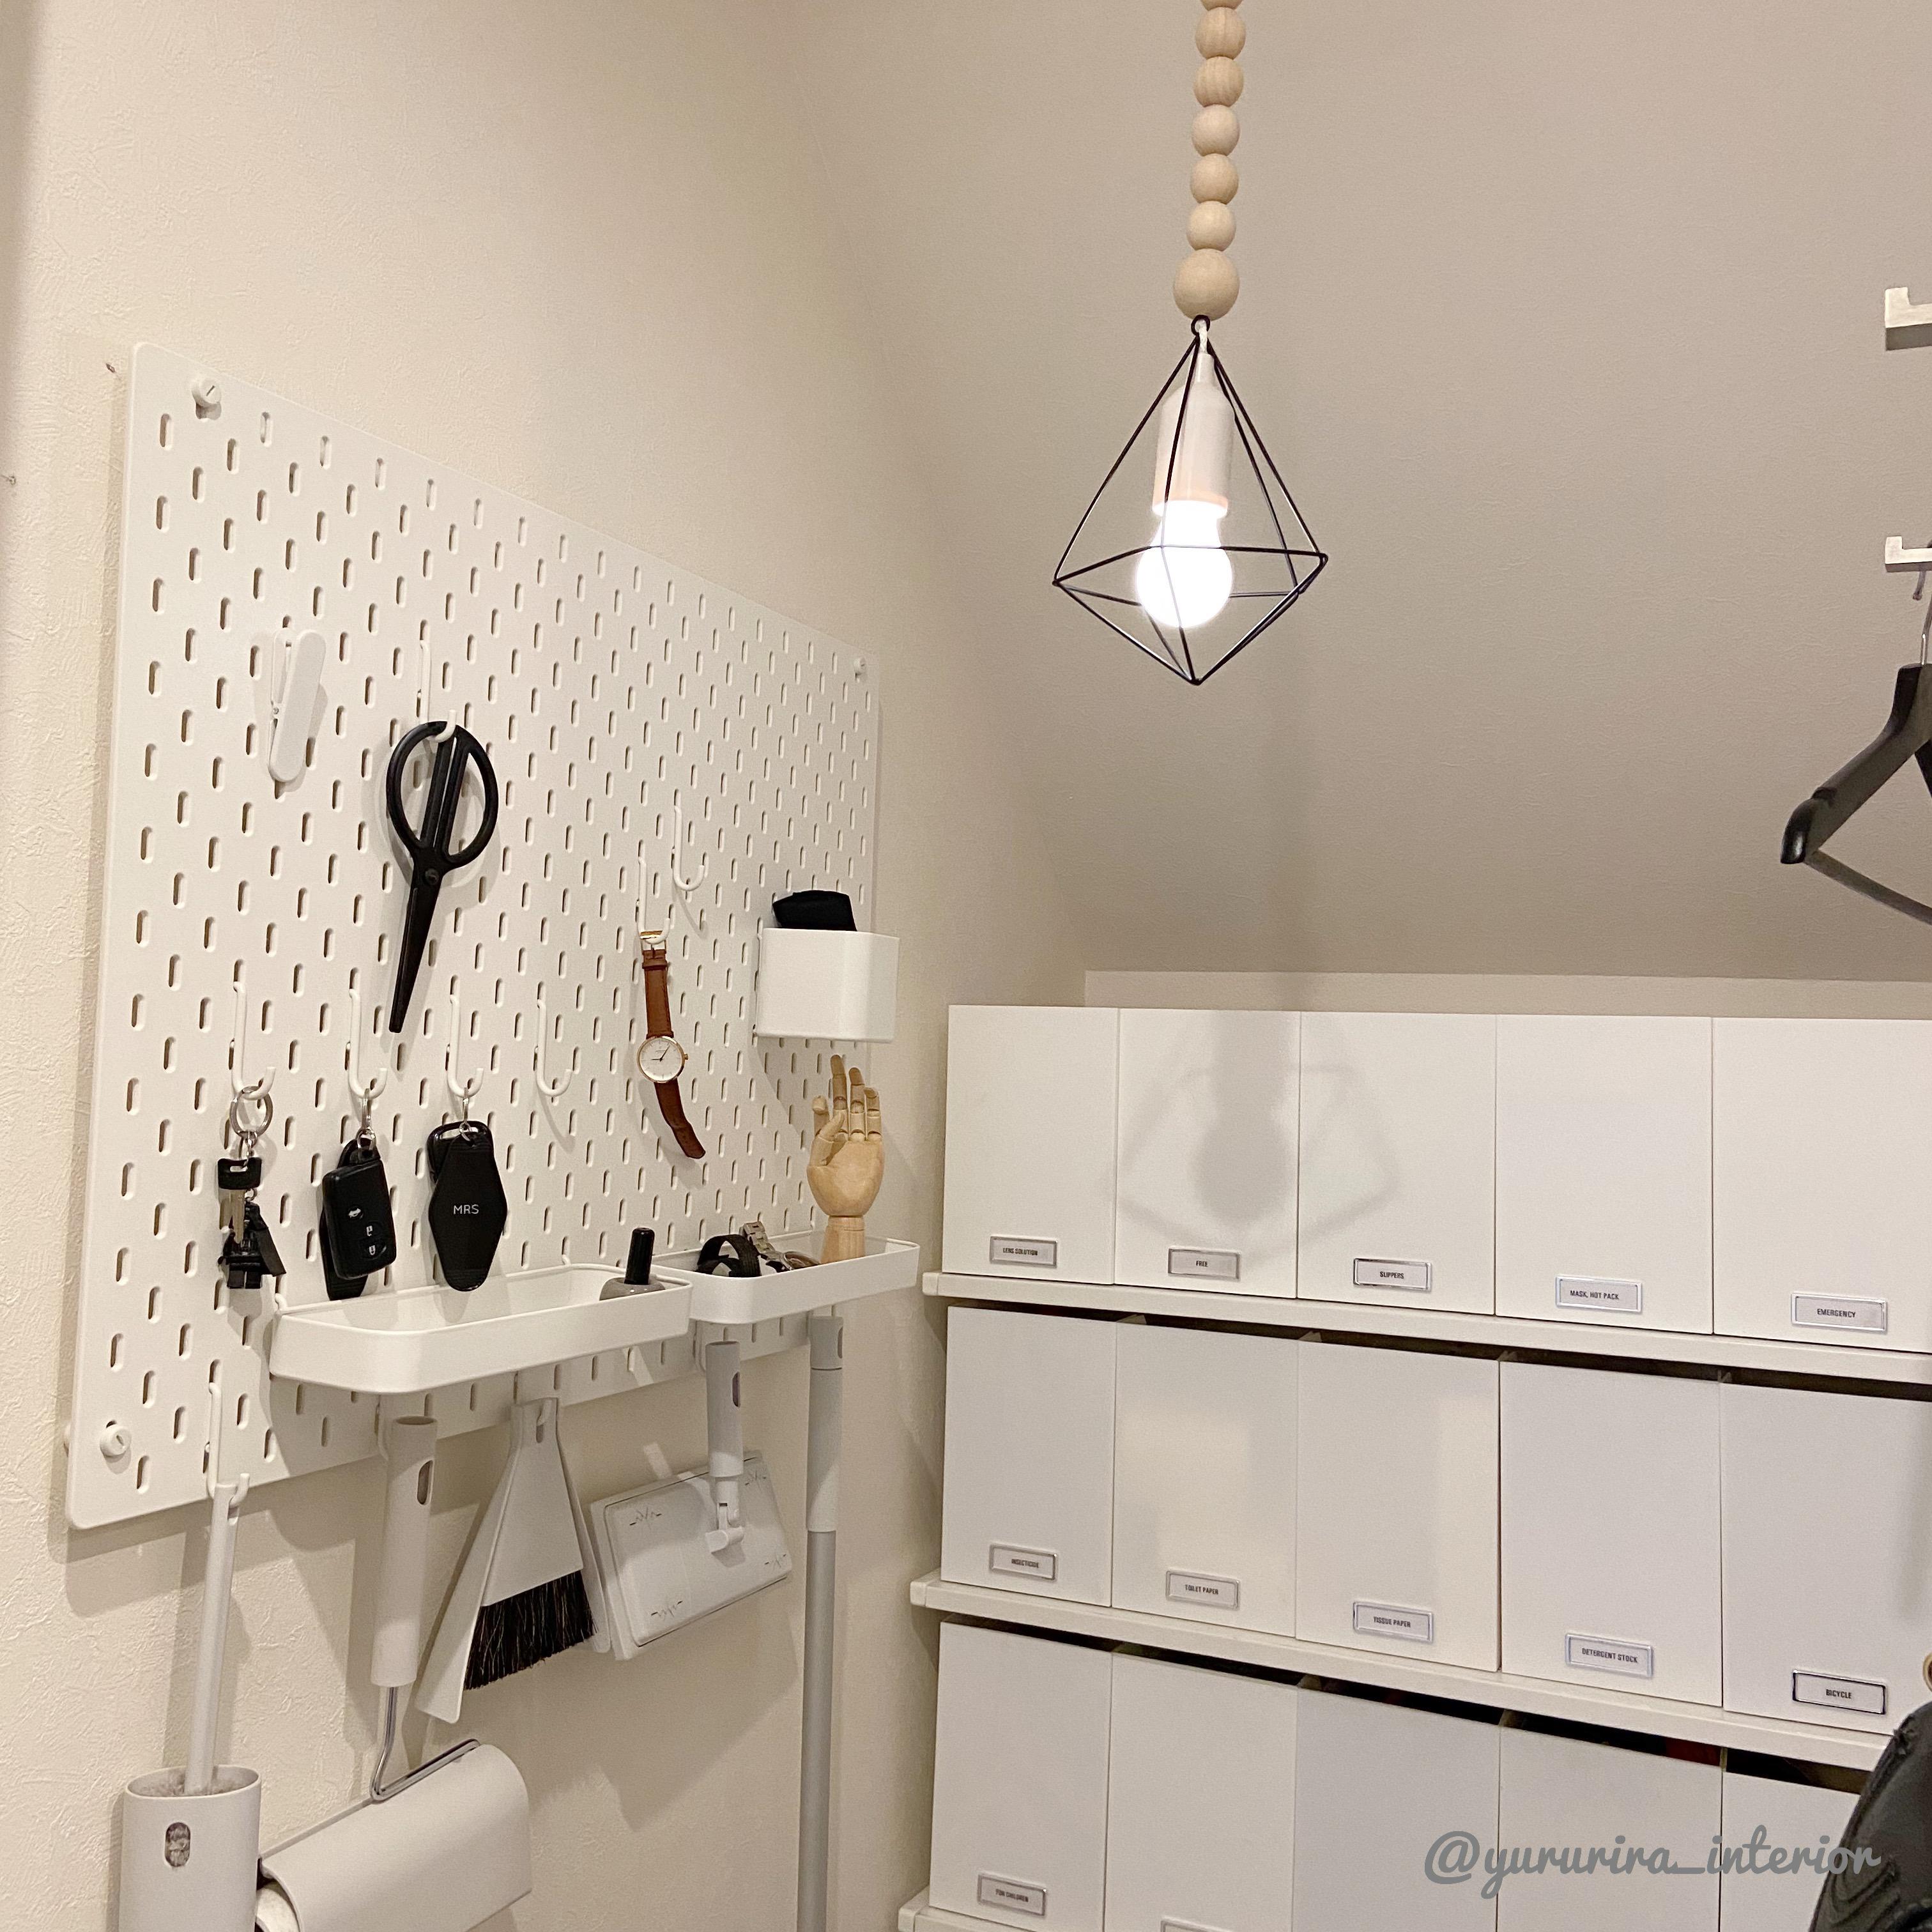 100均アレンジ♪ペンダントライト風照明と日用品の収納部屋